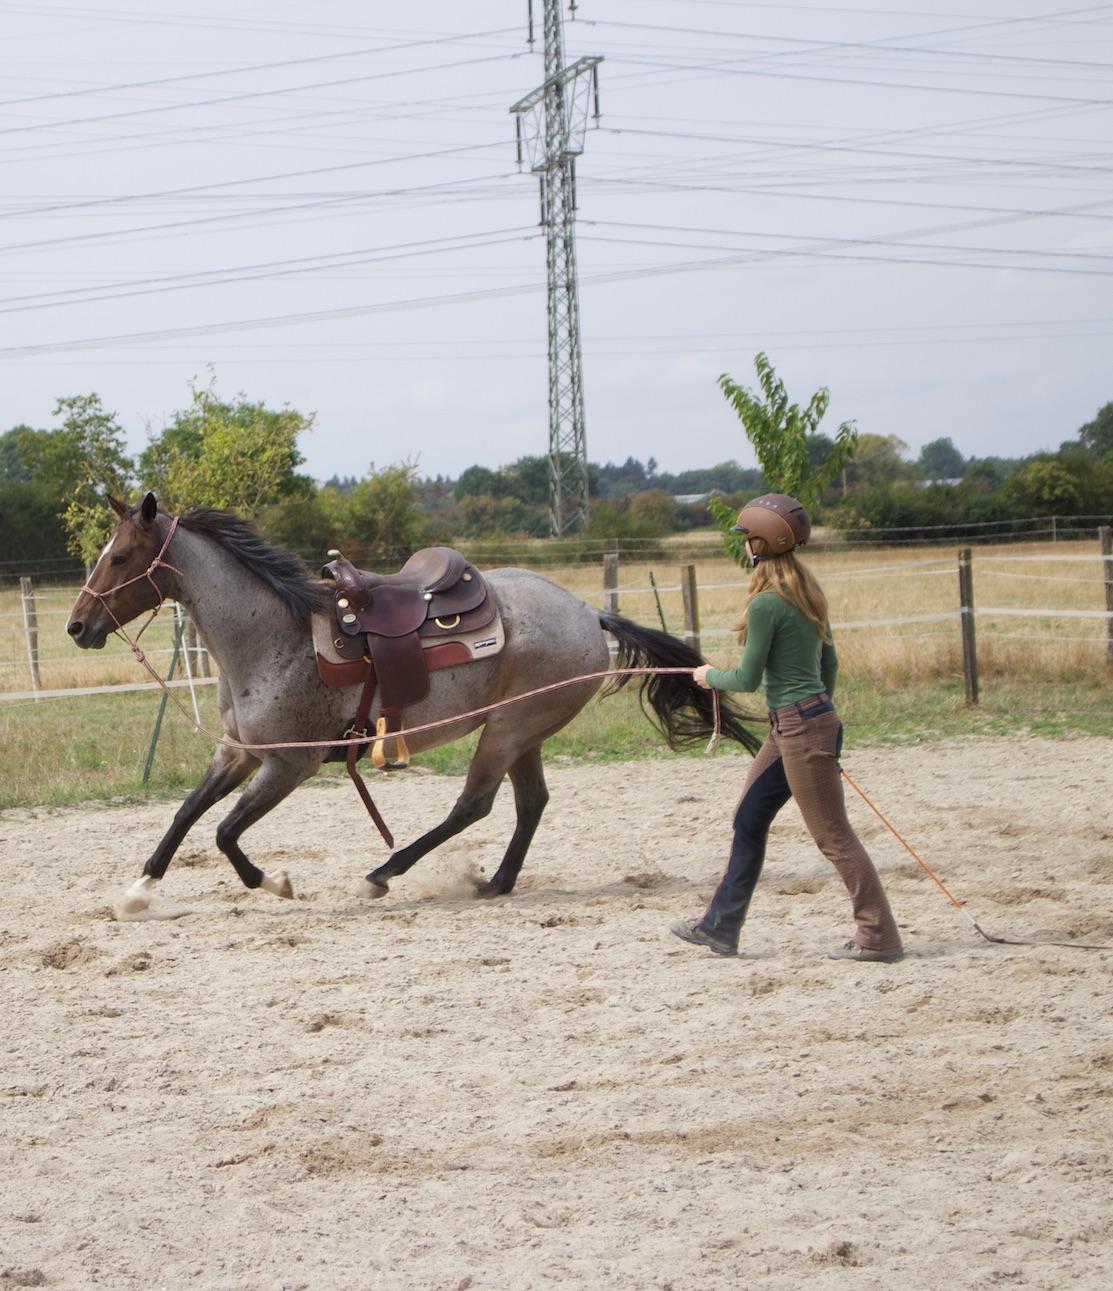 Hier hilft Hinterhand weichen: Pferd wird zu schnell